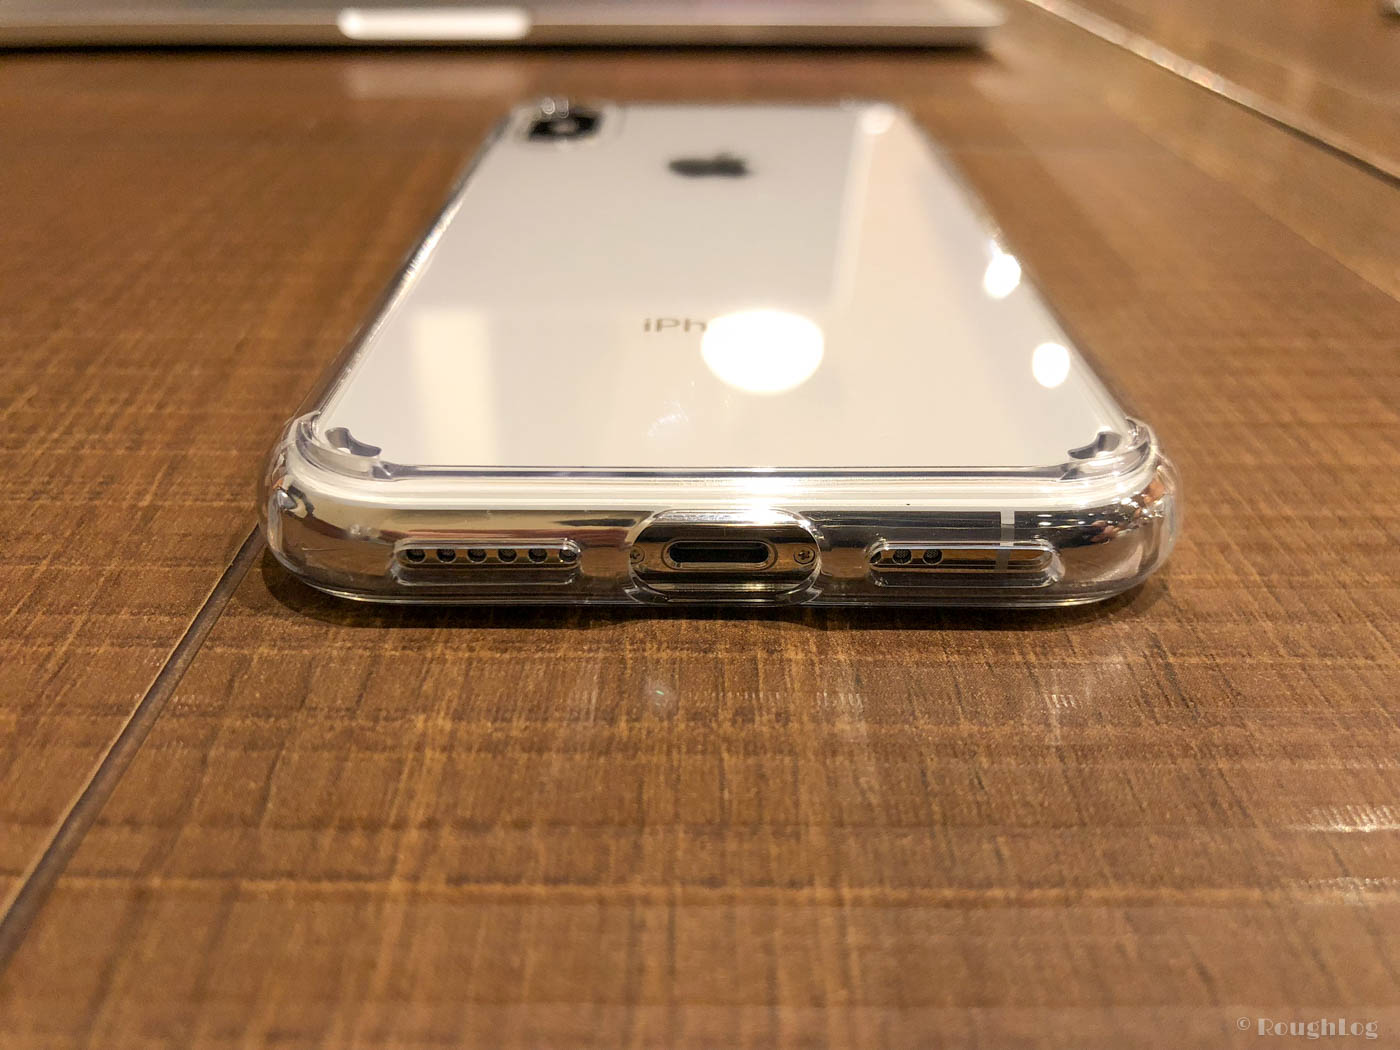 【iPhoneケース】SpigenウルトラハイブリッドLightning端子部分は大きめに開いている